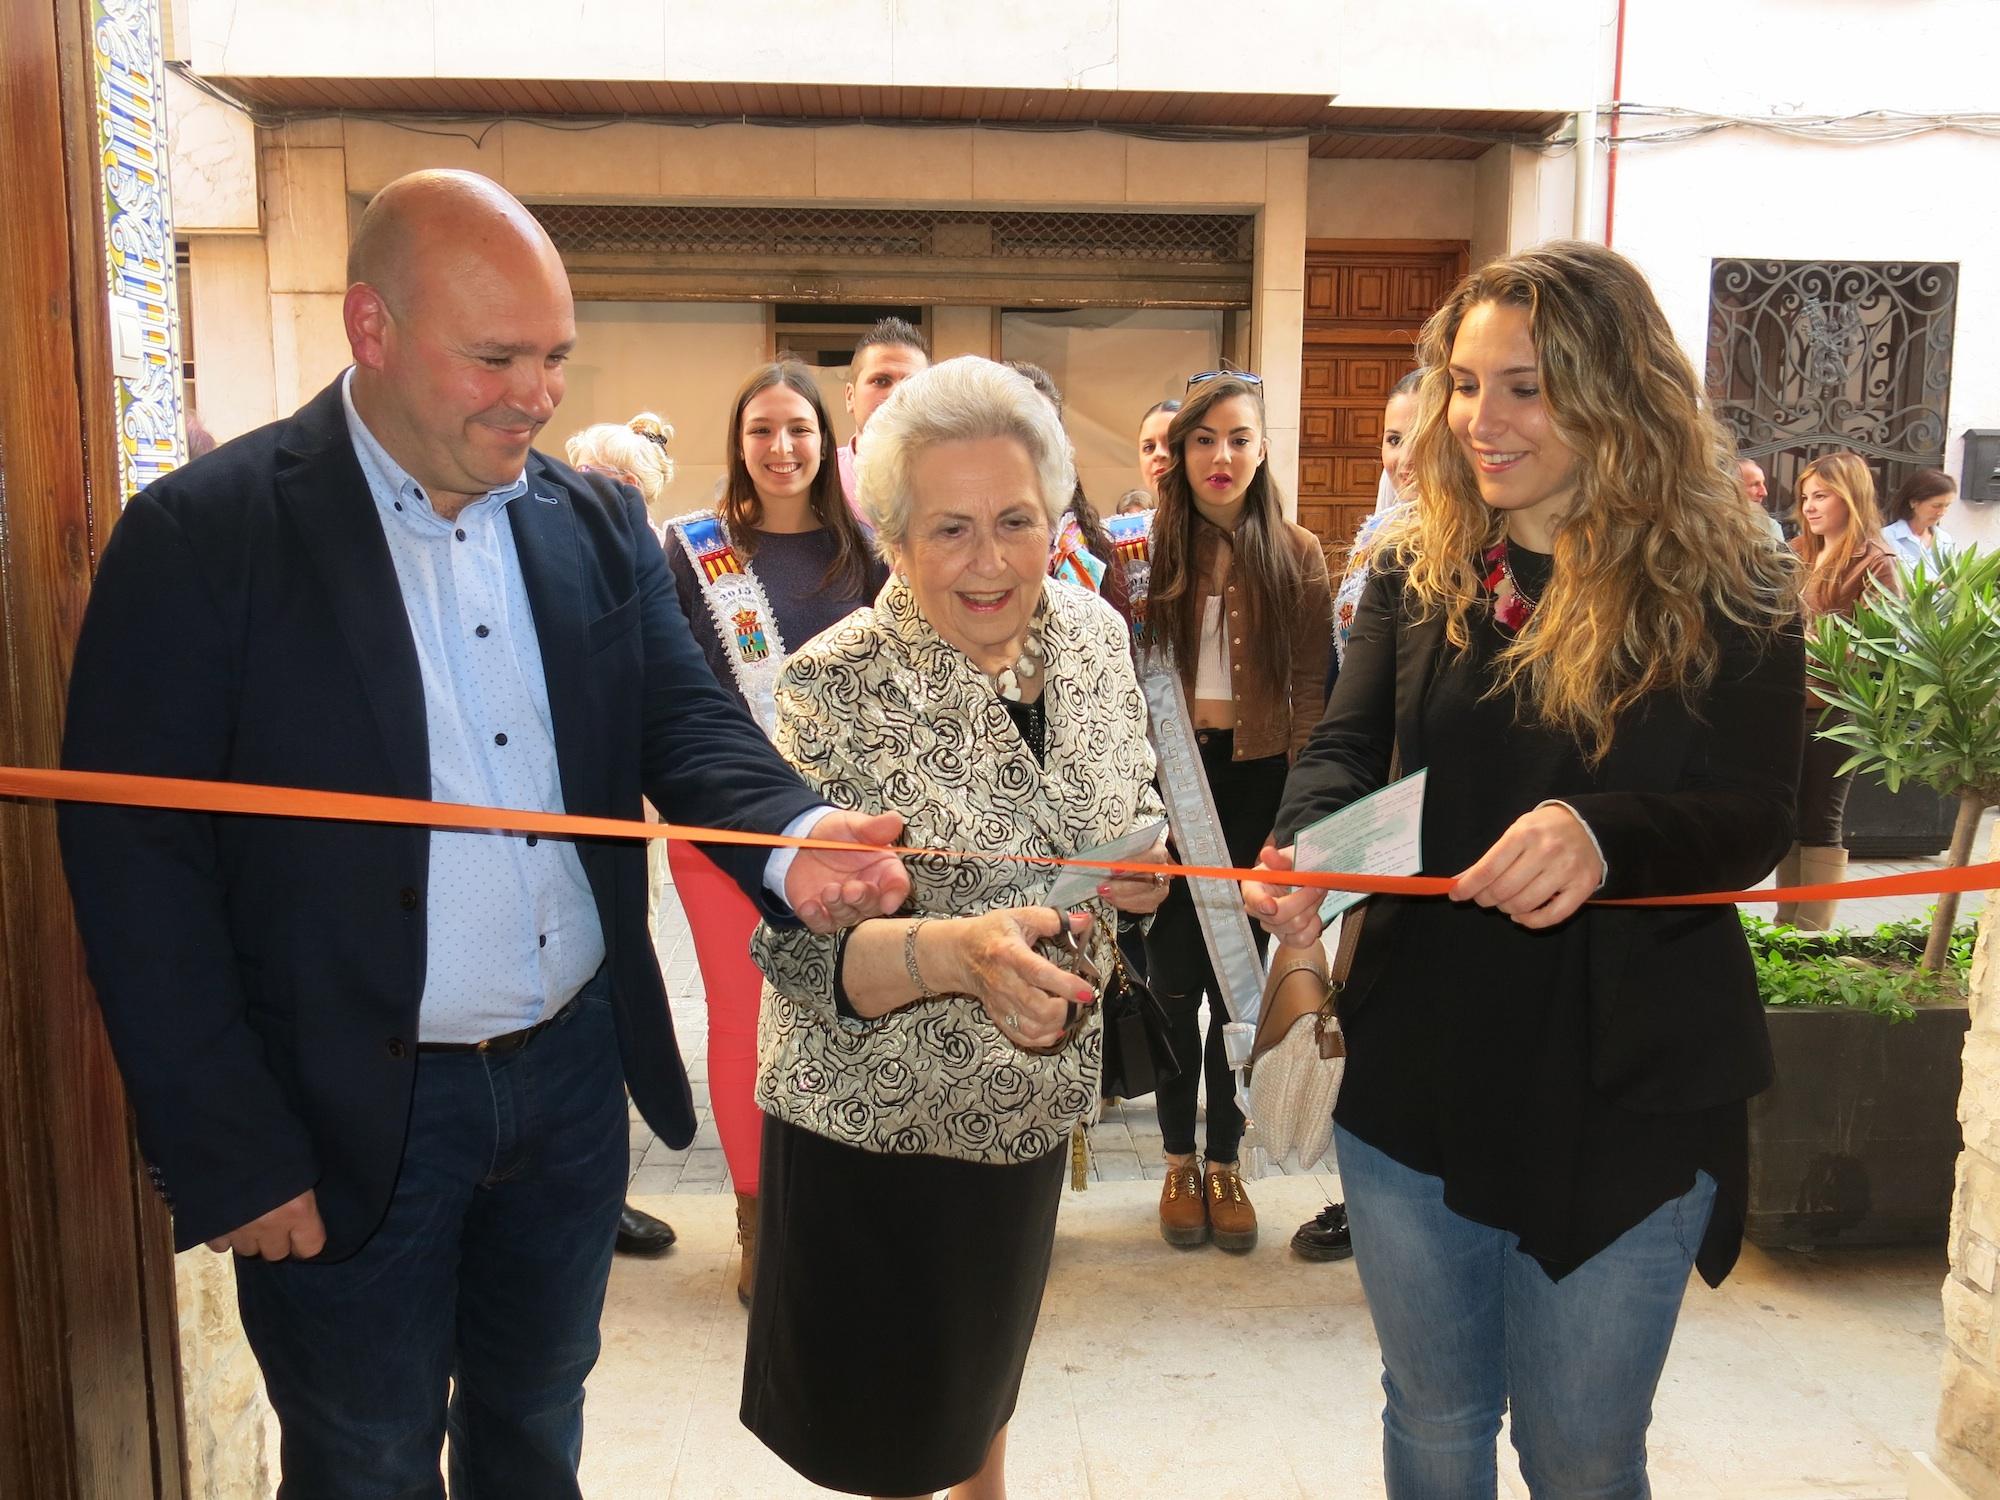 Inauguración a cargo del alcalde, protagonista y Reina de las Fiestas.